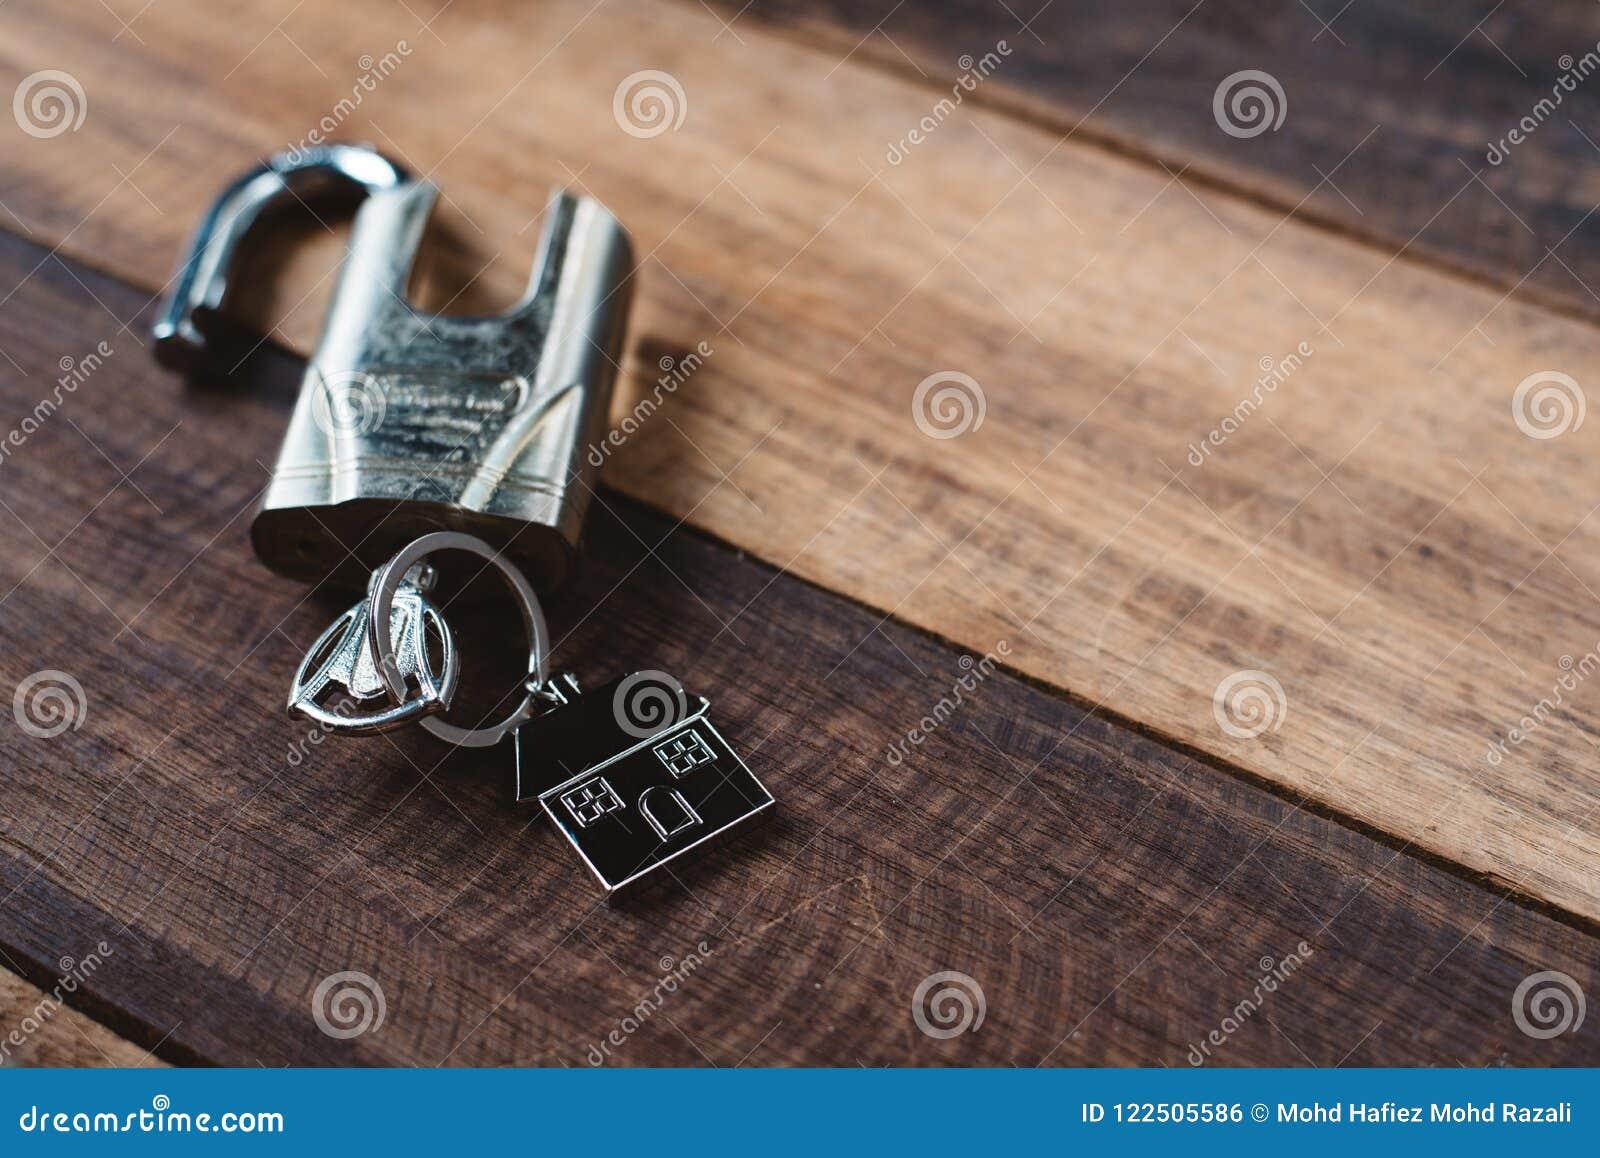 Blokuje, wpisuje i mieści, kształt kluczową etykietkę na drewnianym stole